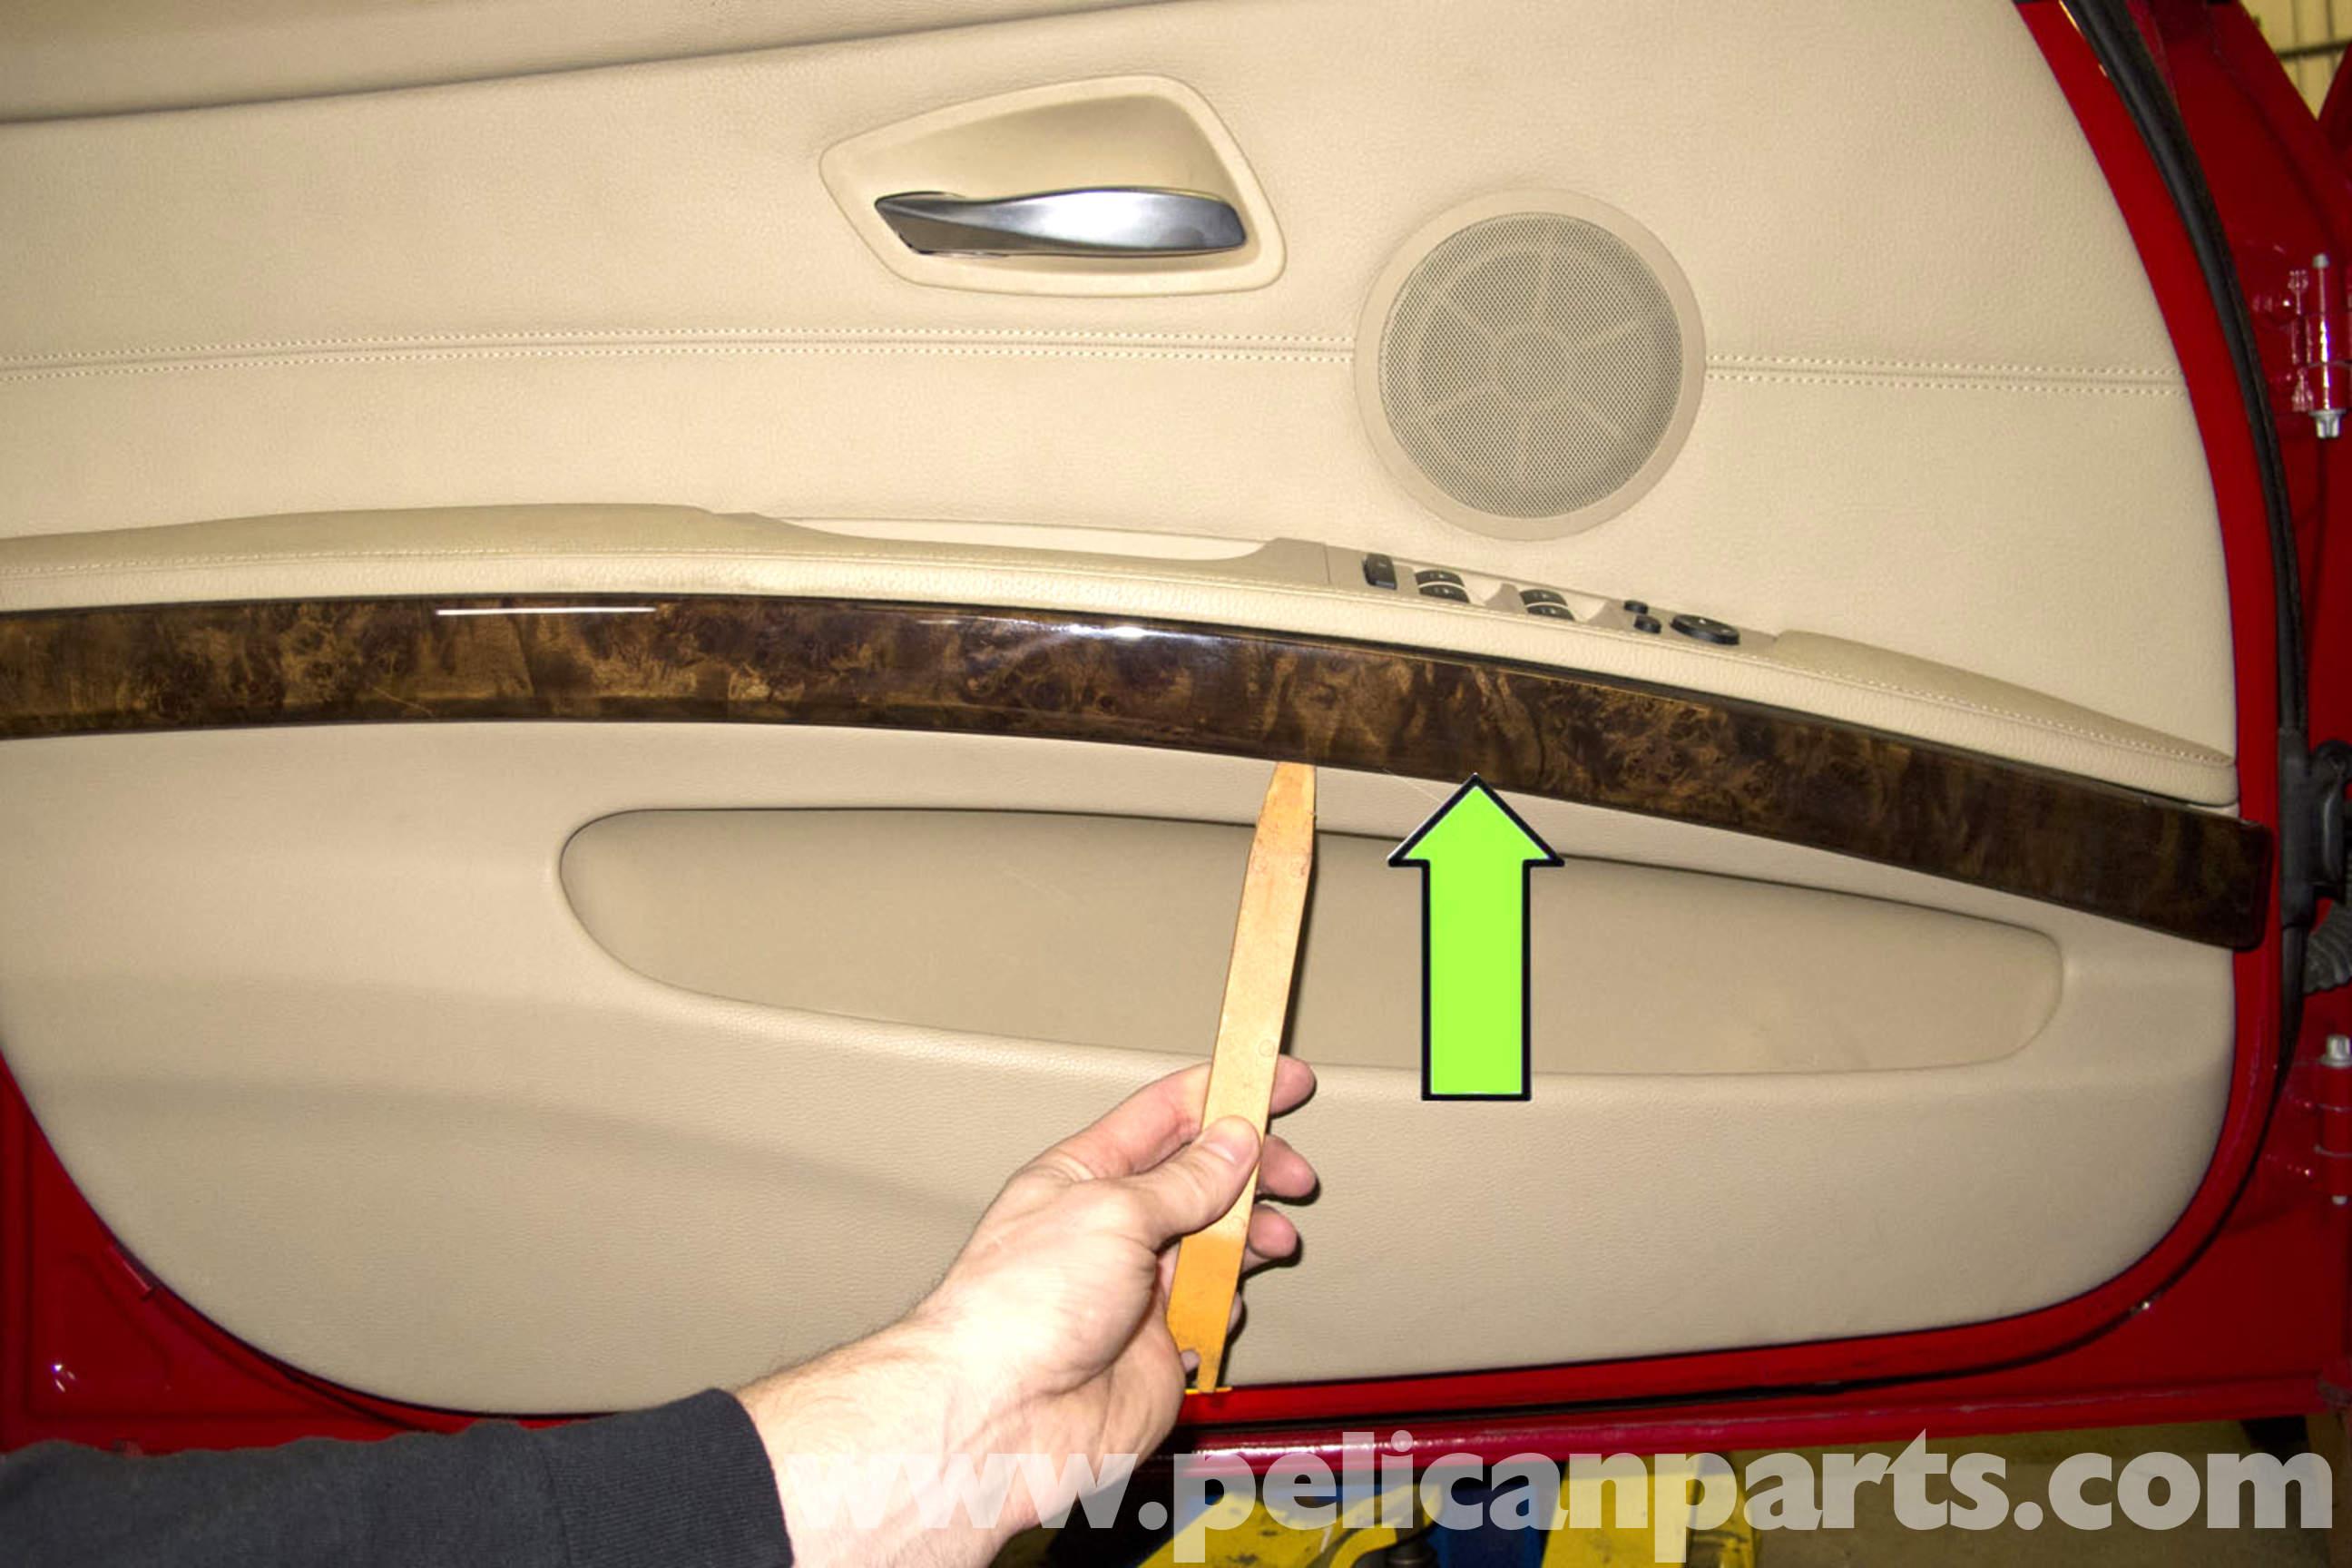 Bmw E90 Door Panel Removal E91 E92 E93 Pelican Parts Diy Maintenance Article